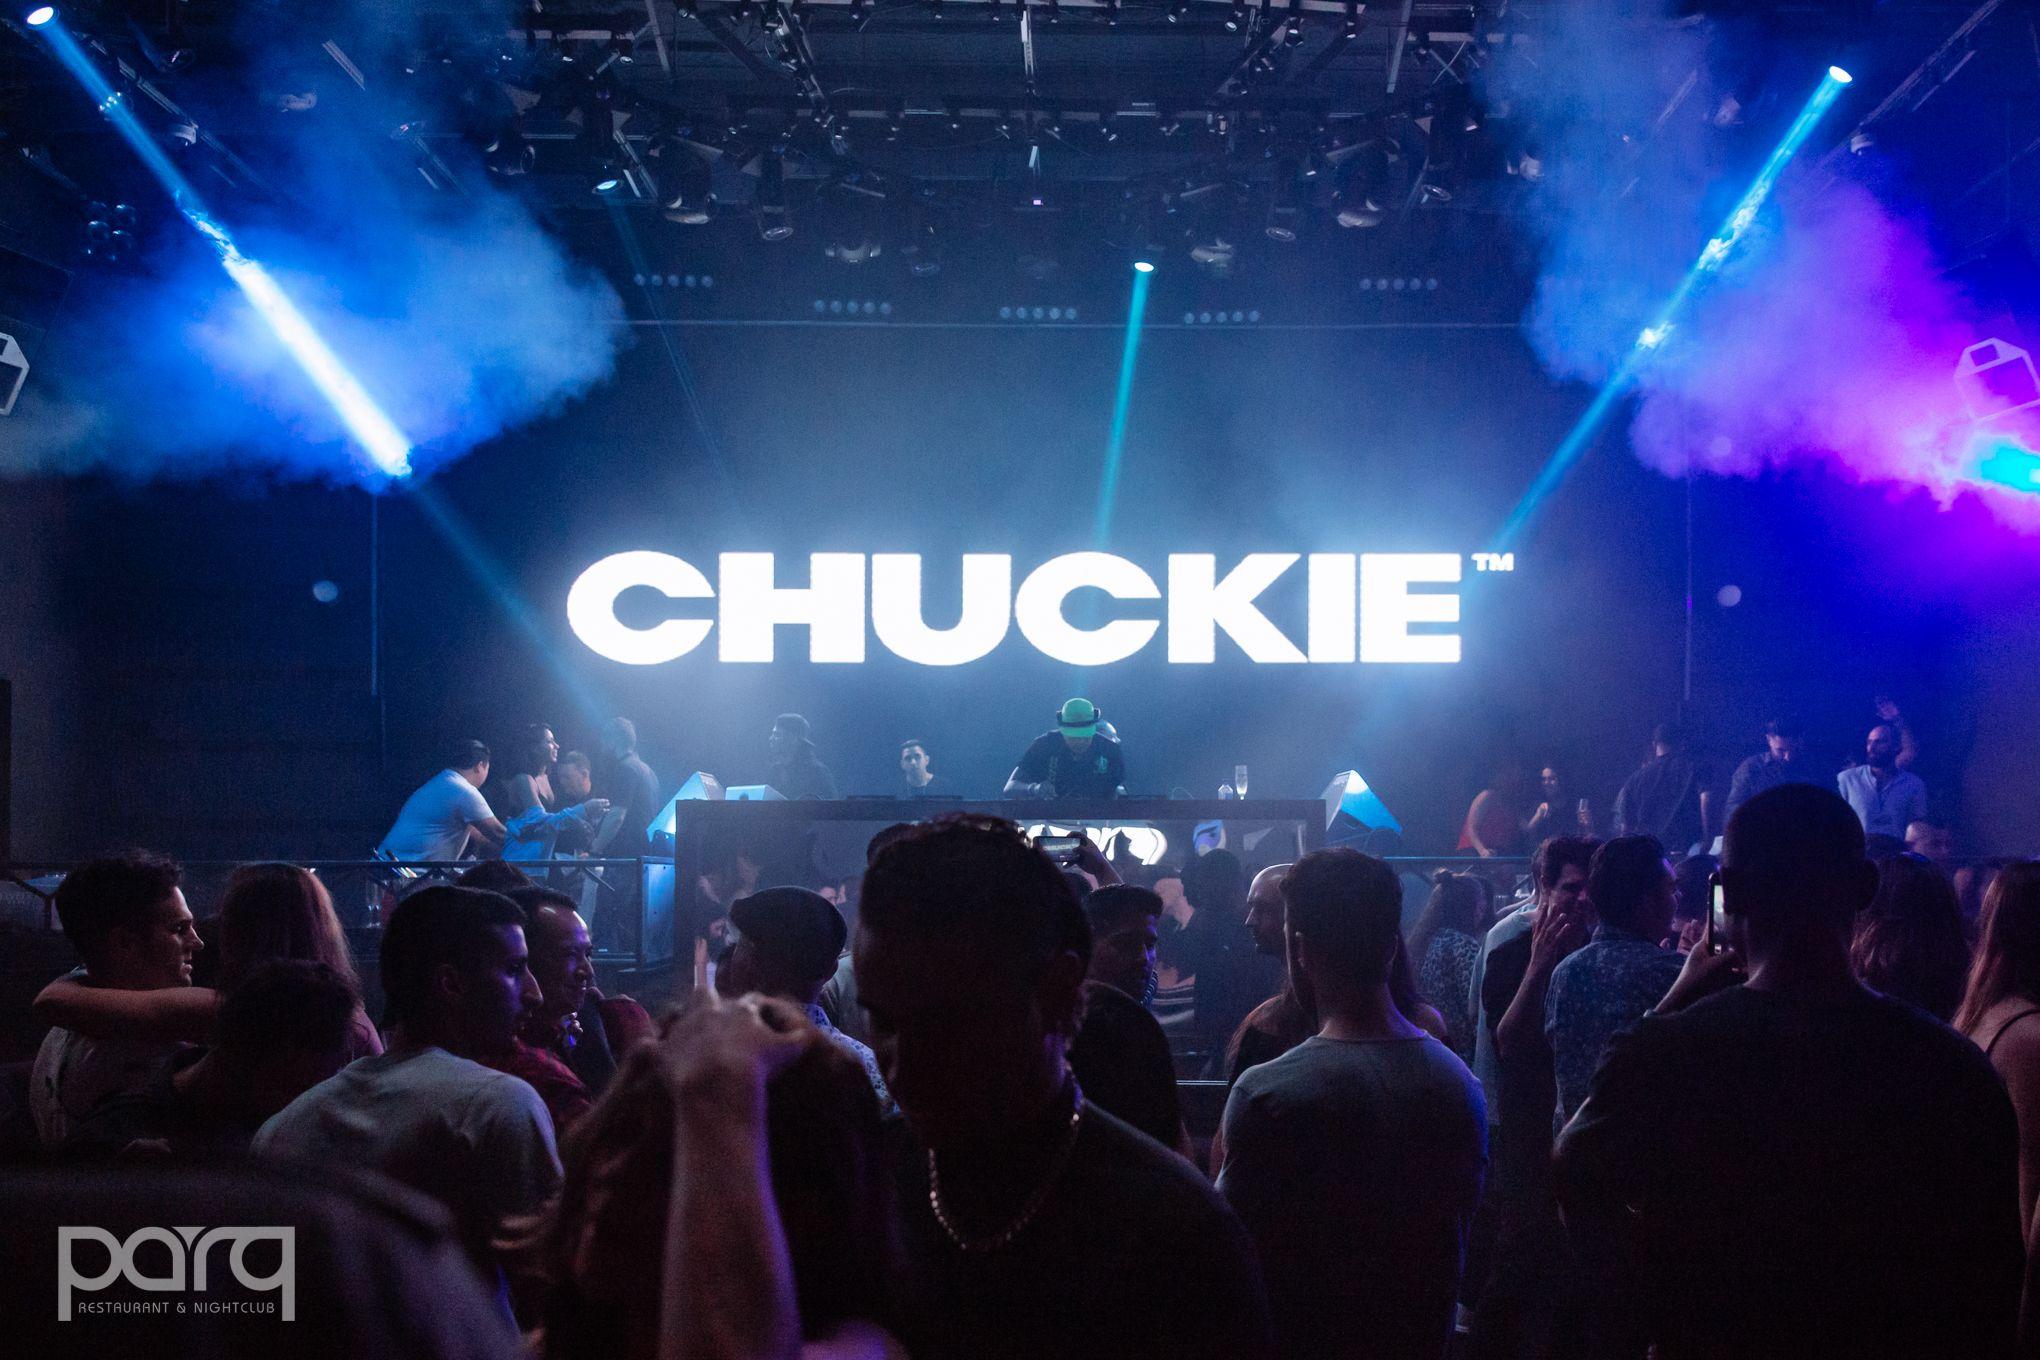 08.03.19 Parq - Chuckie-1.jpg